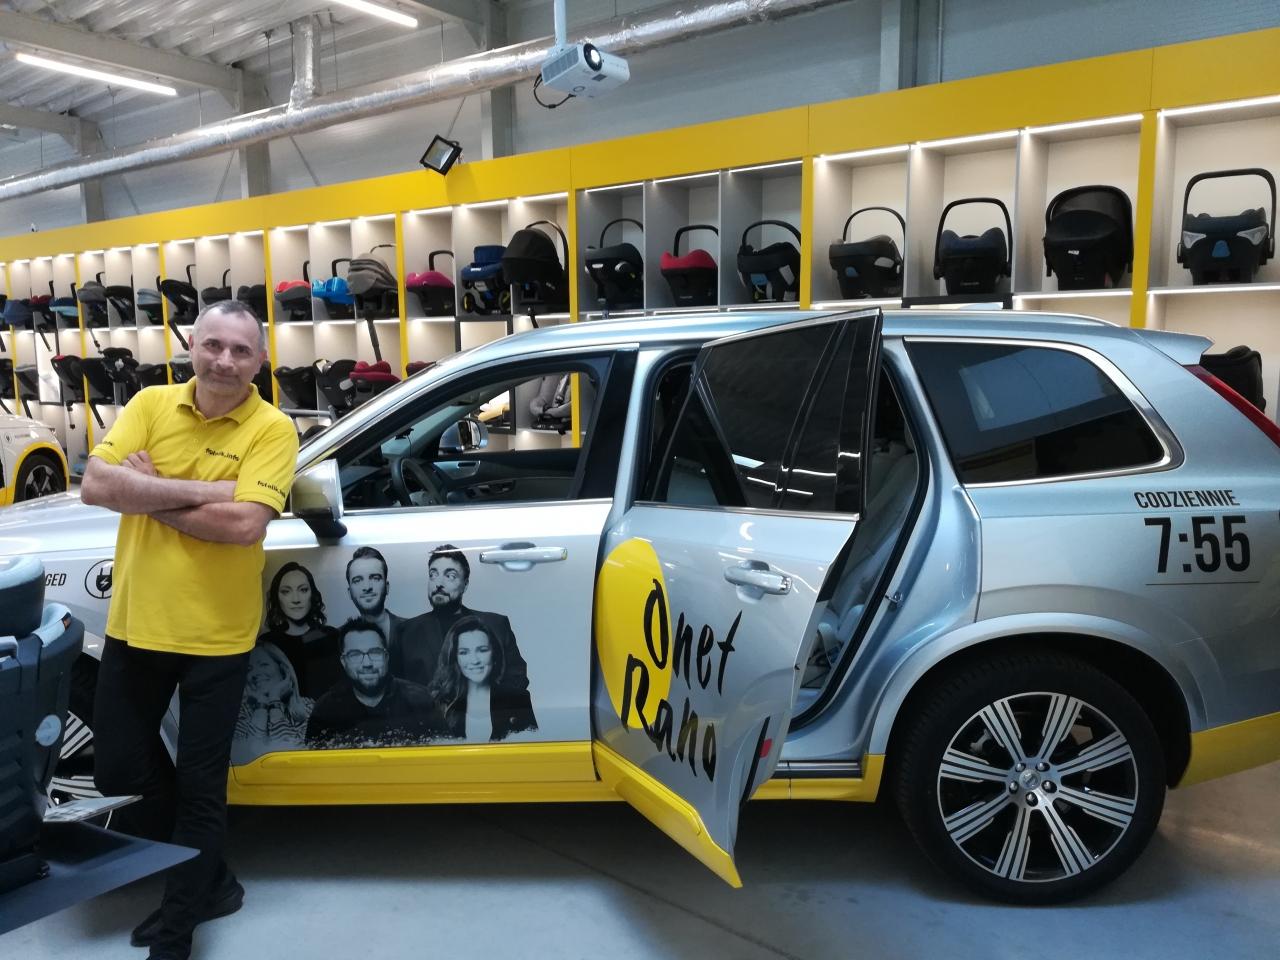 Samochód ekipy Onet Rano w salonie fotelik.info